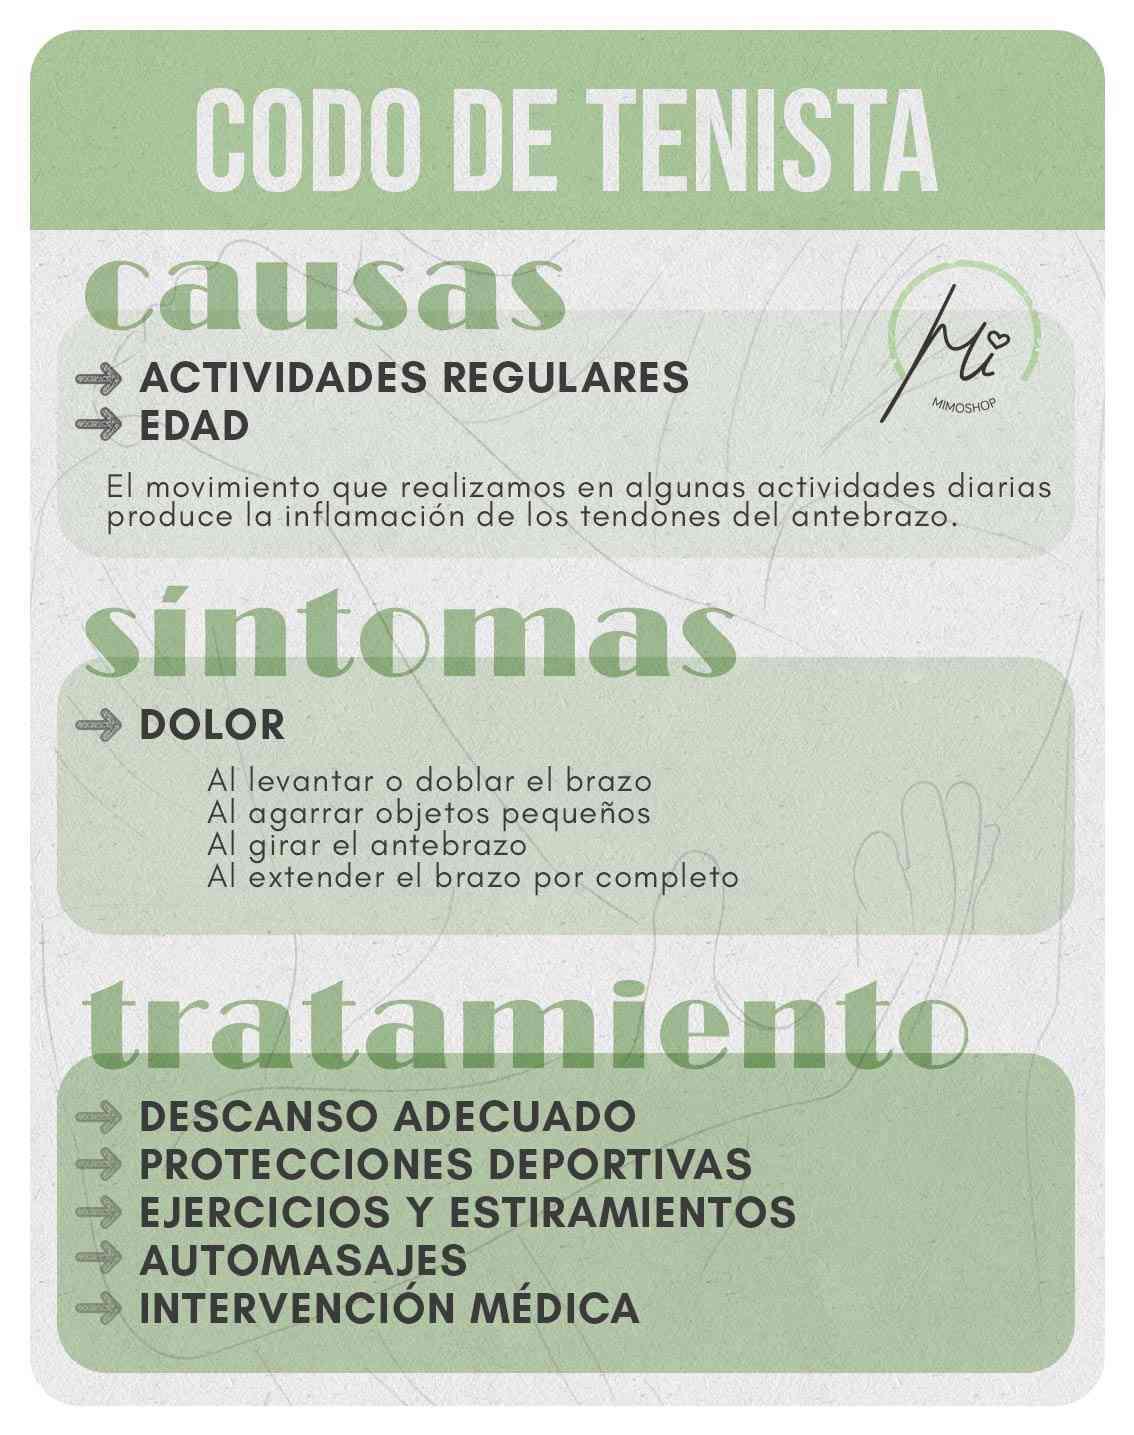 infografía con causas, síntomas y tratamiento para el codo de tenista o epicondilista